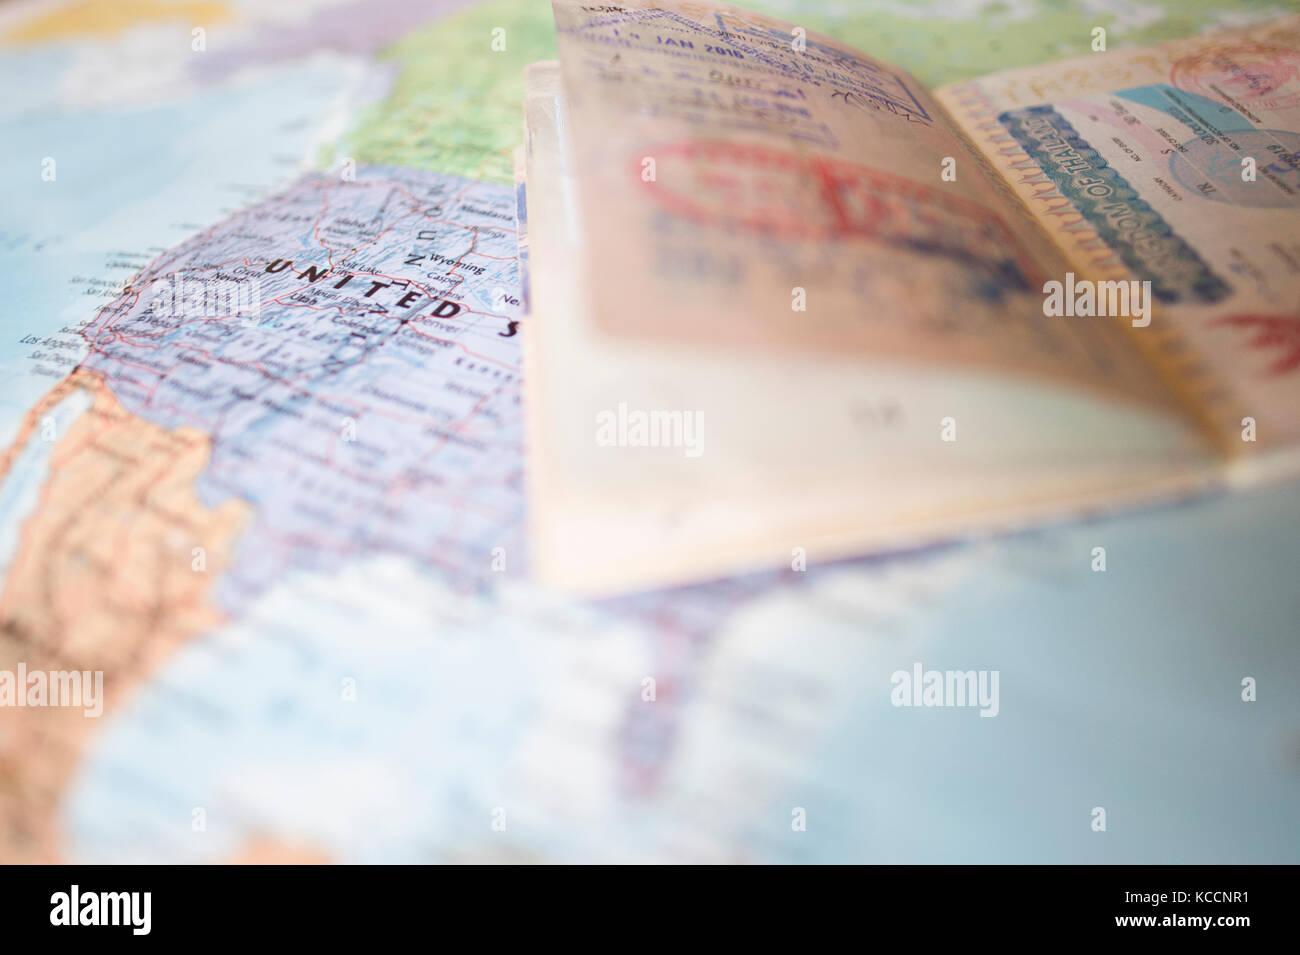 World Passport Imágenes De Stock & World Passport Fotos De Stock ...